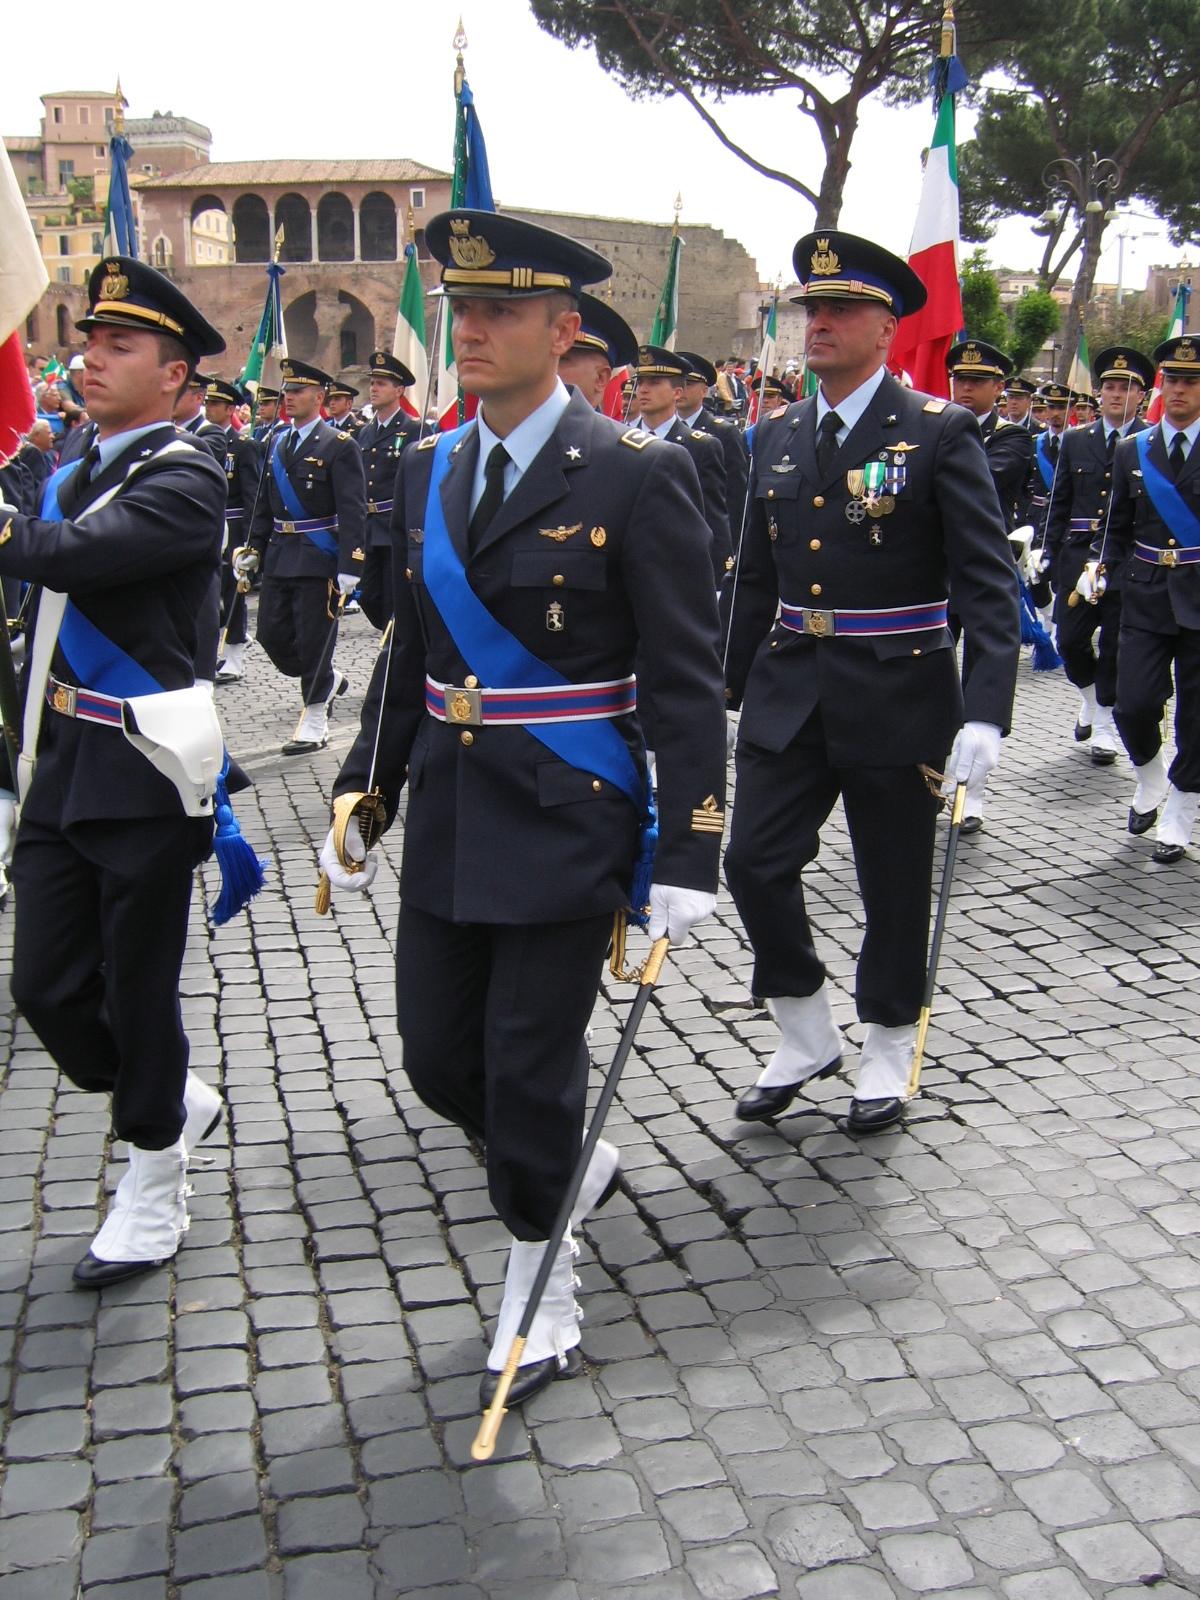 Matrimonio In Alta Uniforme Esercito : Capitano wikipedia